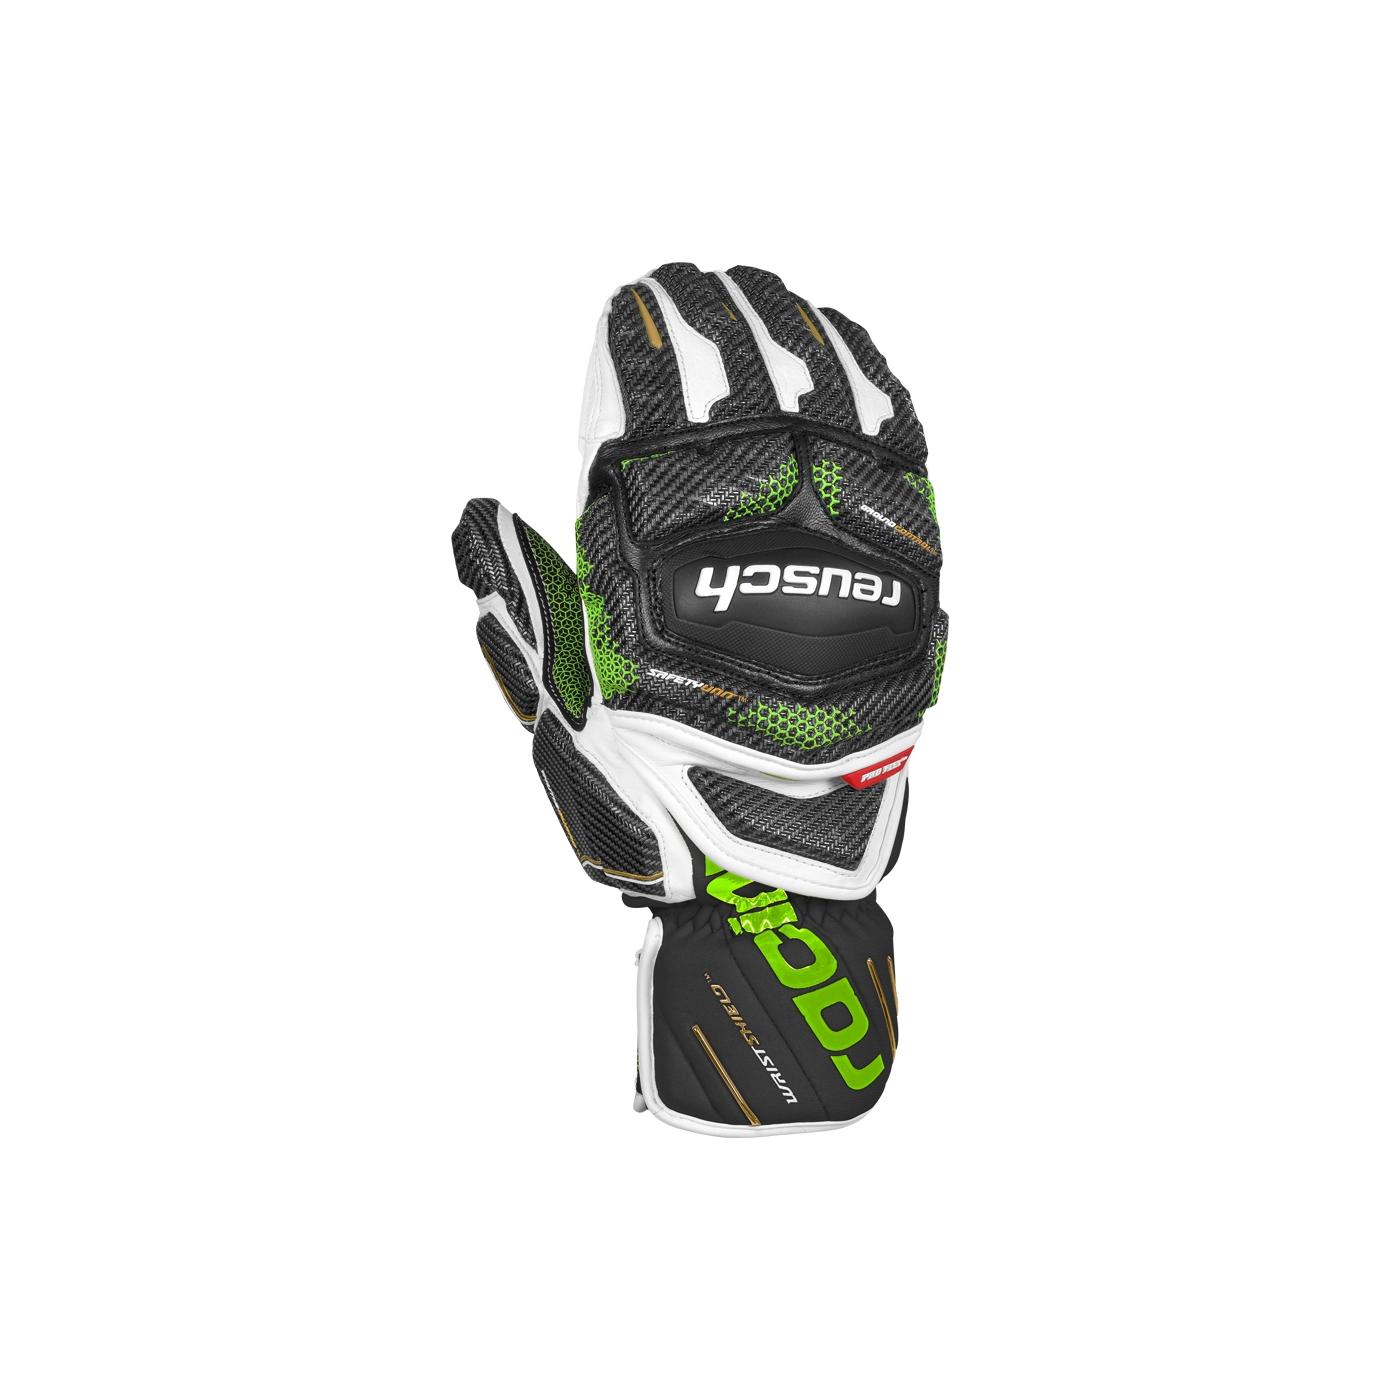 dernière collection authentique mode de vente chaude Moufles De Ski Racing Reusch Race Tec 18 Gs Mitten Bk/wh/gr